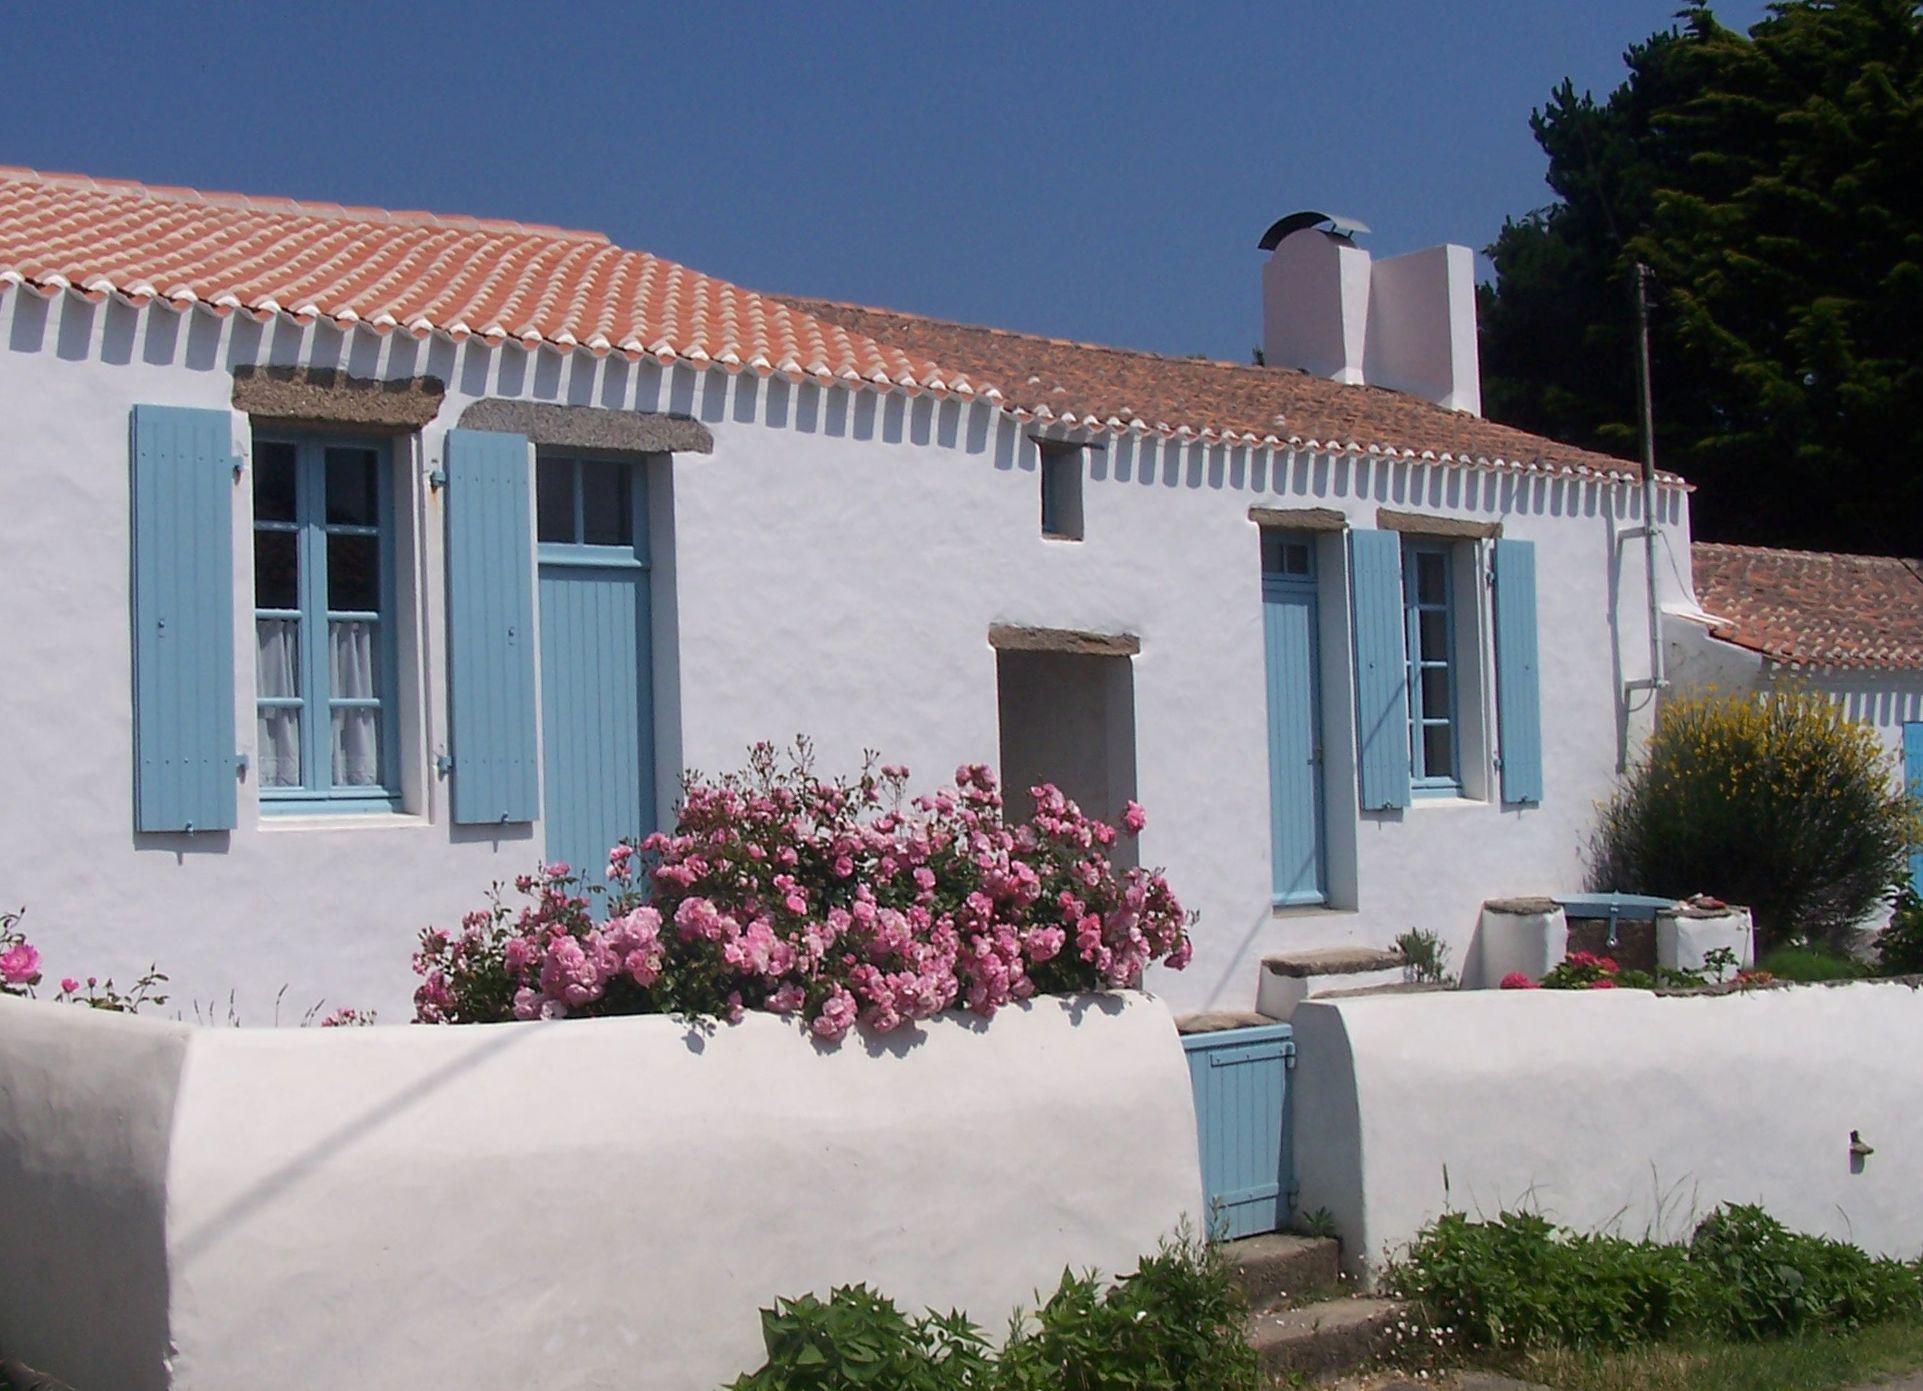 Architecture maison traditionnelle de L Žle d Yeu en Vendée